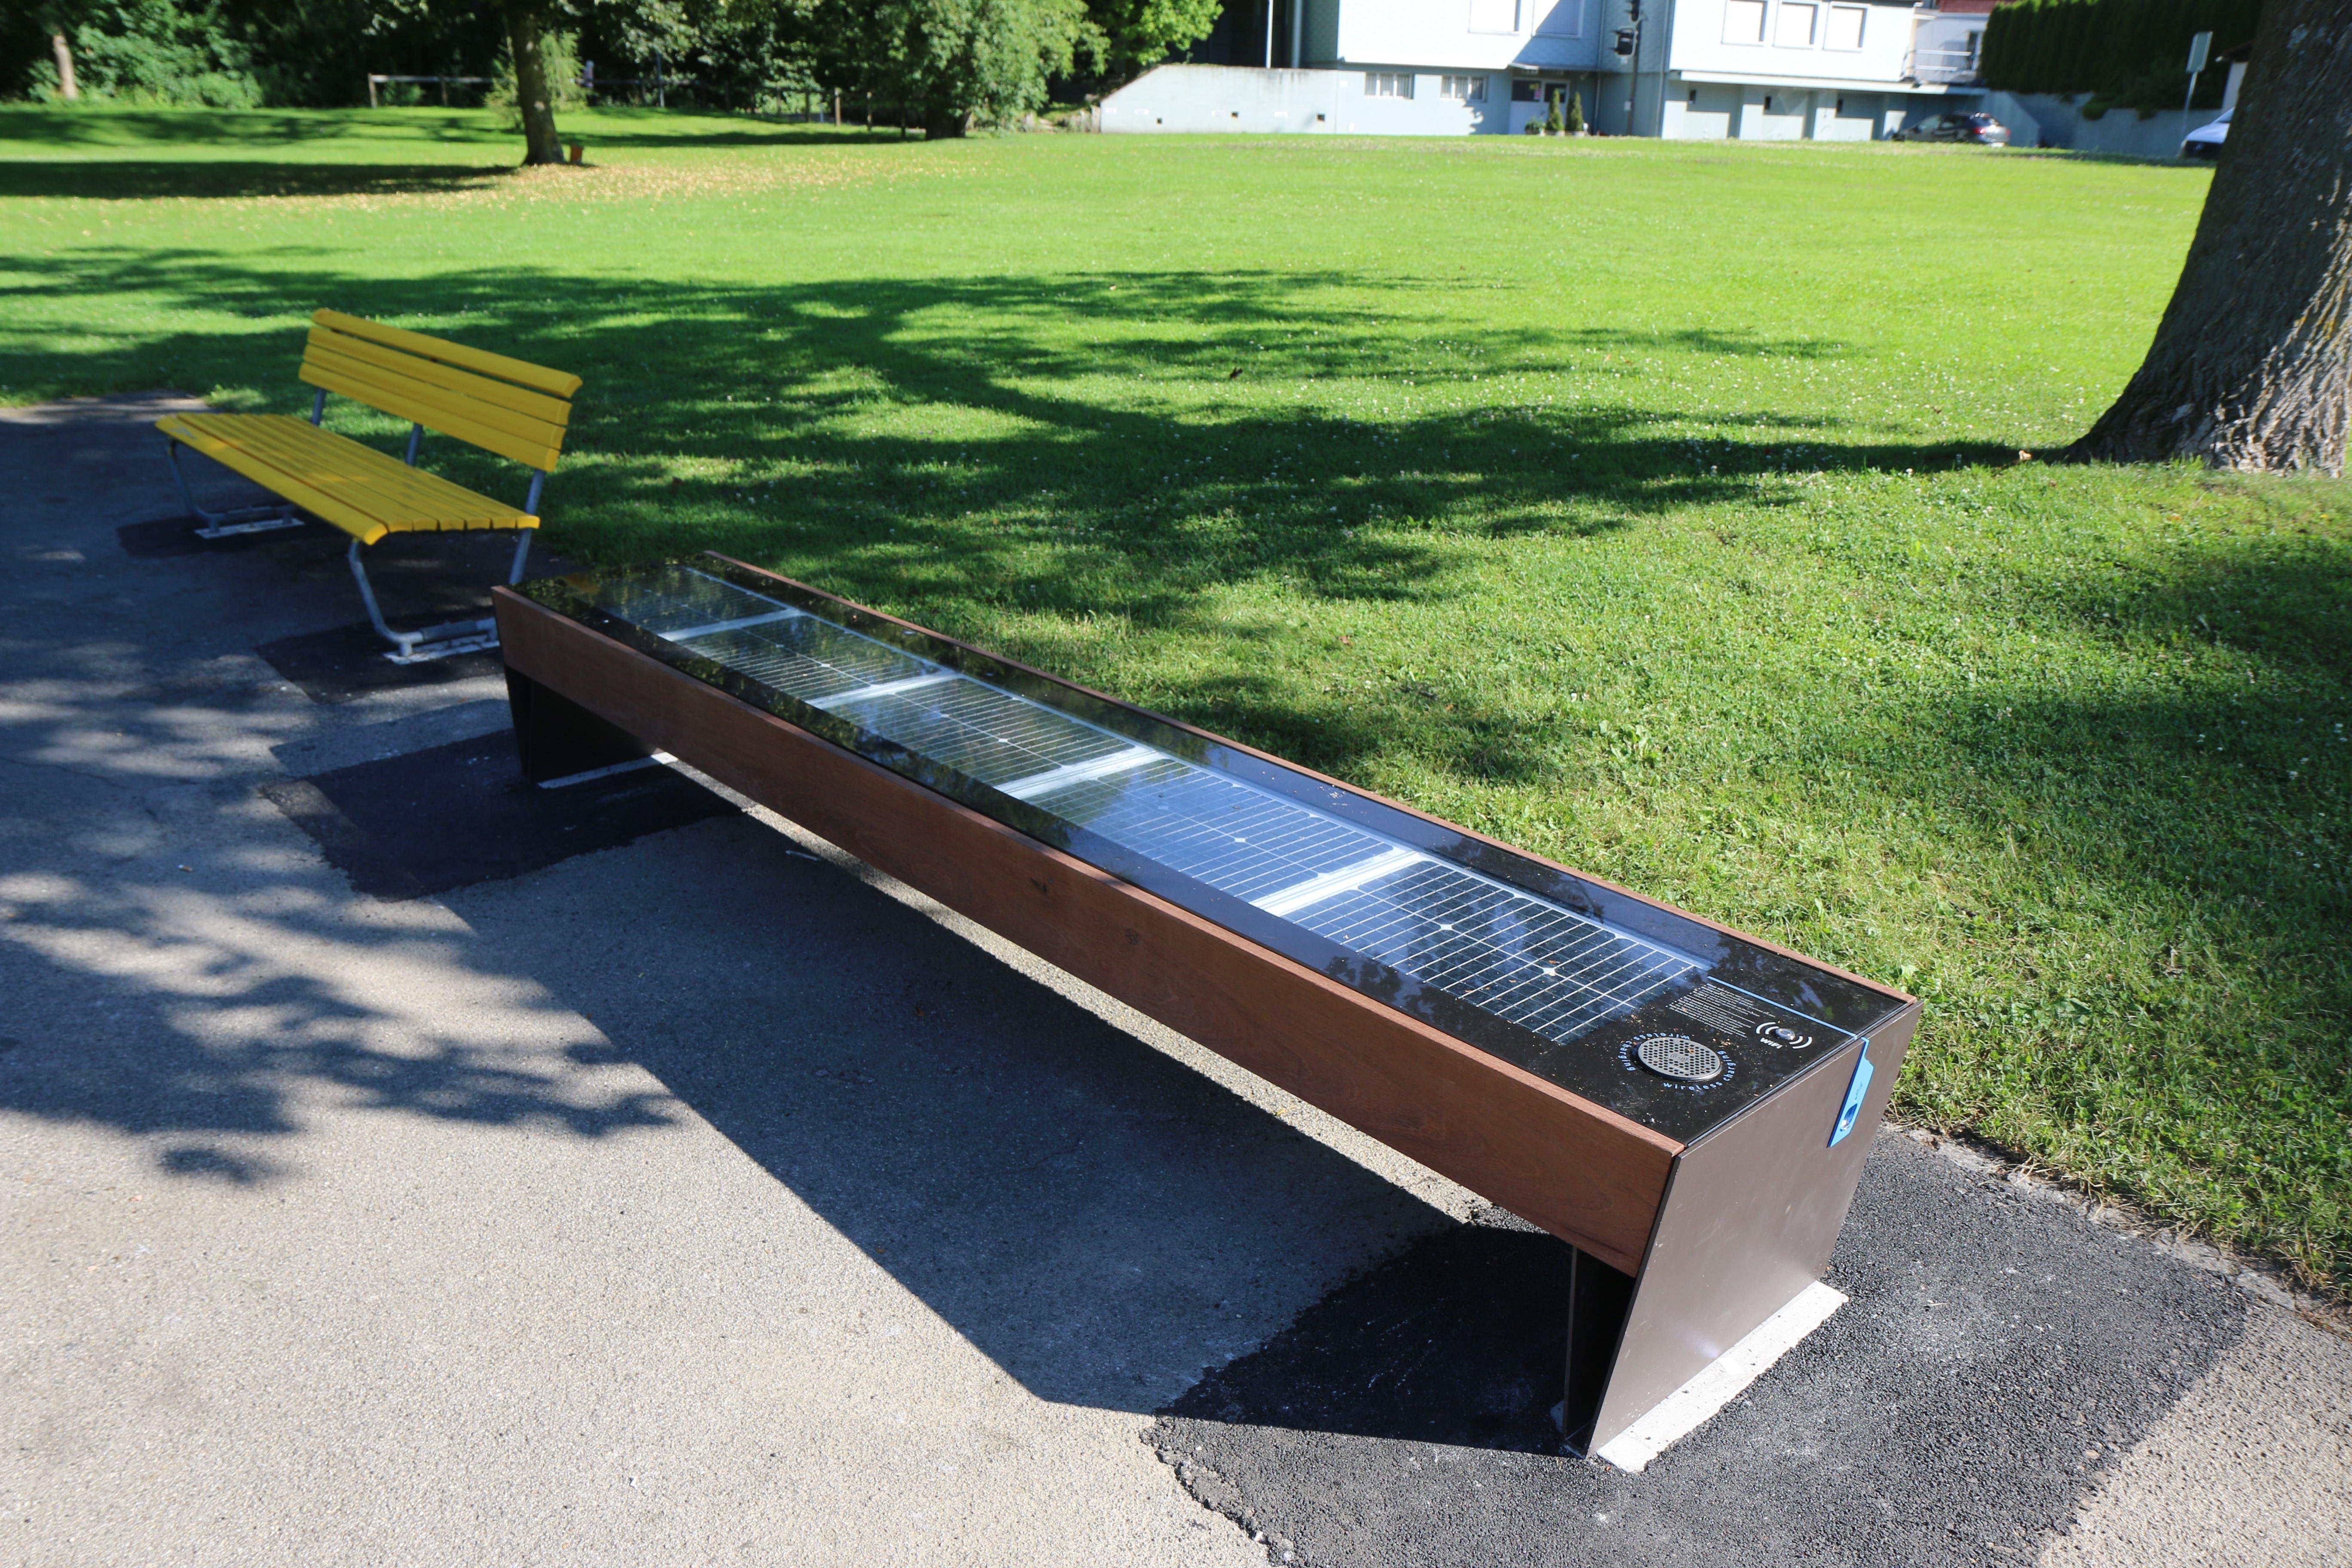 Wil möchte Smart-City werden. Eigentlich sollte ein Solarbänkli, bei dem man sein Smartphone aufladen kann, diesen abstrakten Begriff etwas fassbarer machen. Der Schuss ging nach hinten los: Am ersten Standort war's zu schattig, am zweiten erhitzte sich das Bänkli wegen der Sonne zu stark.